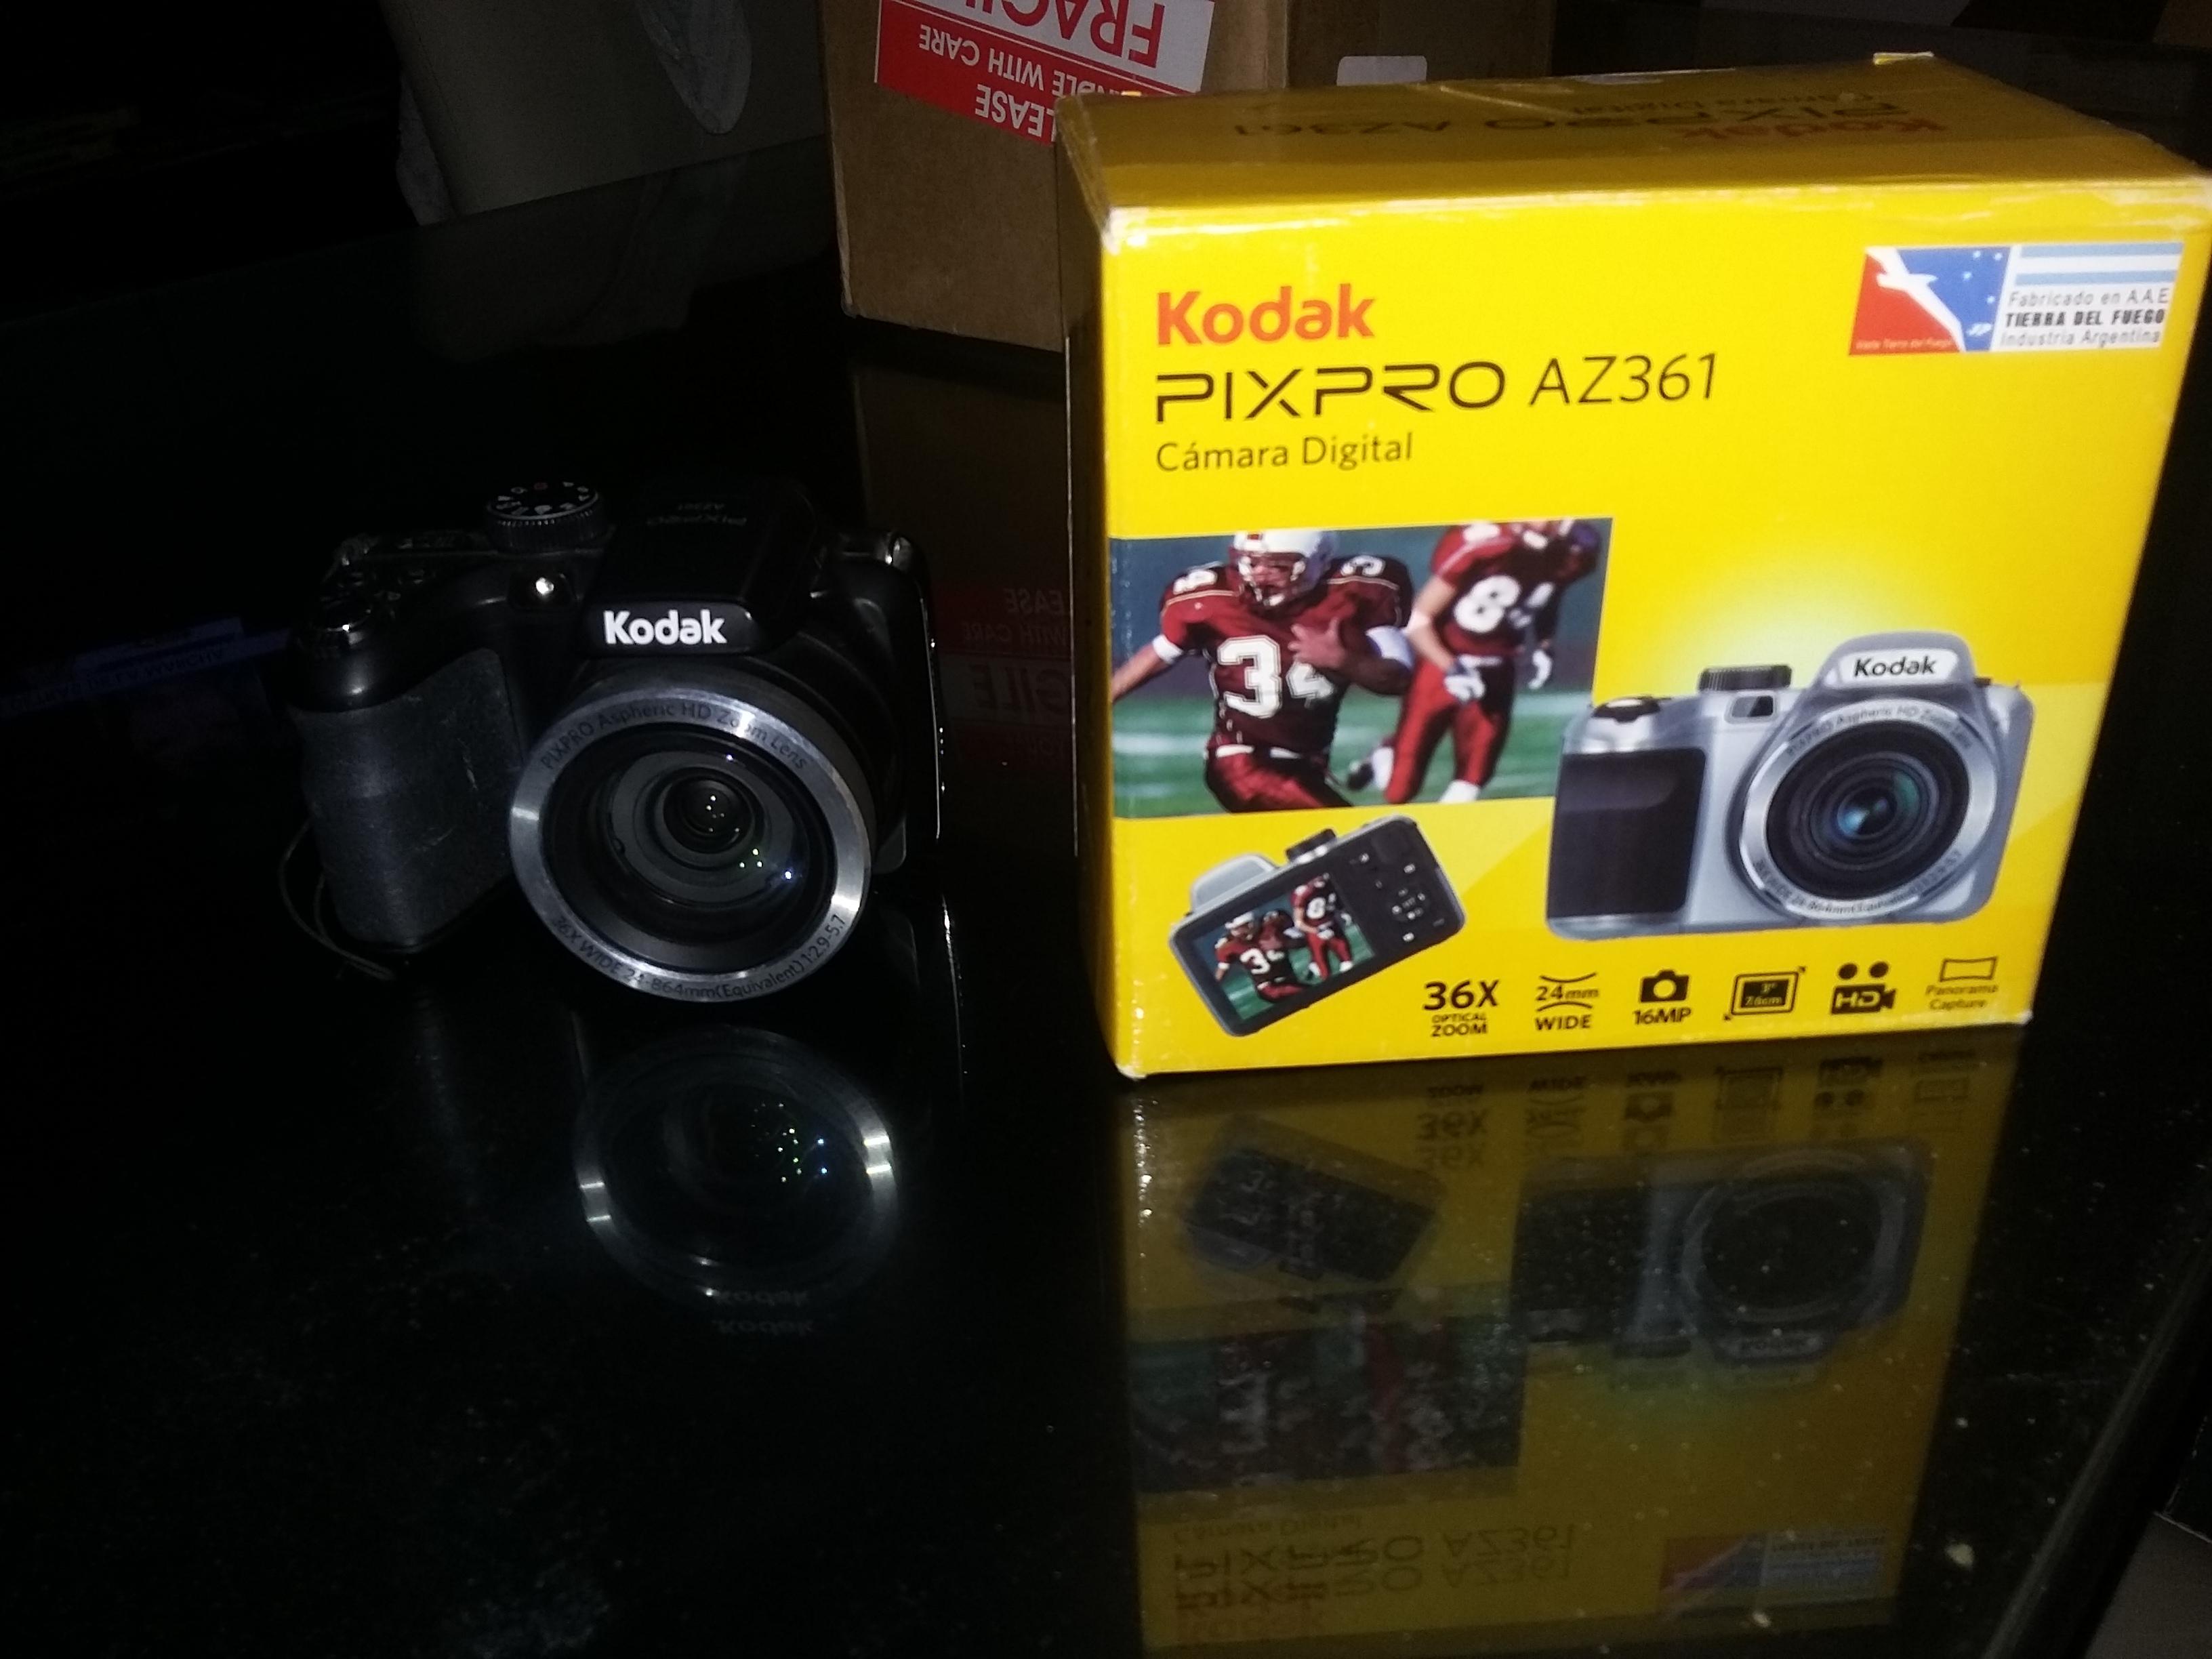 Camara digital, Kodak